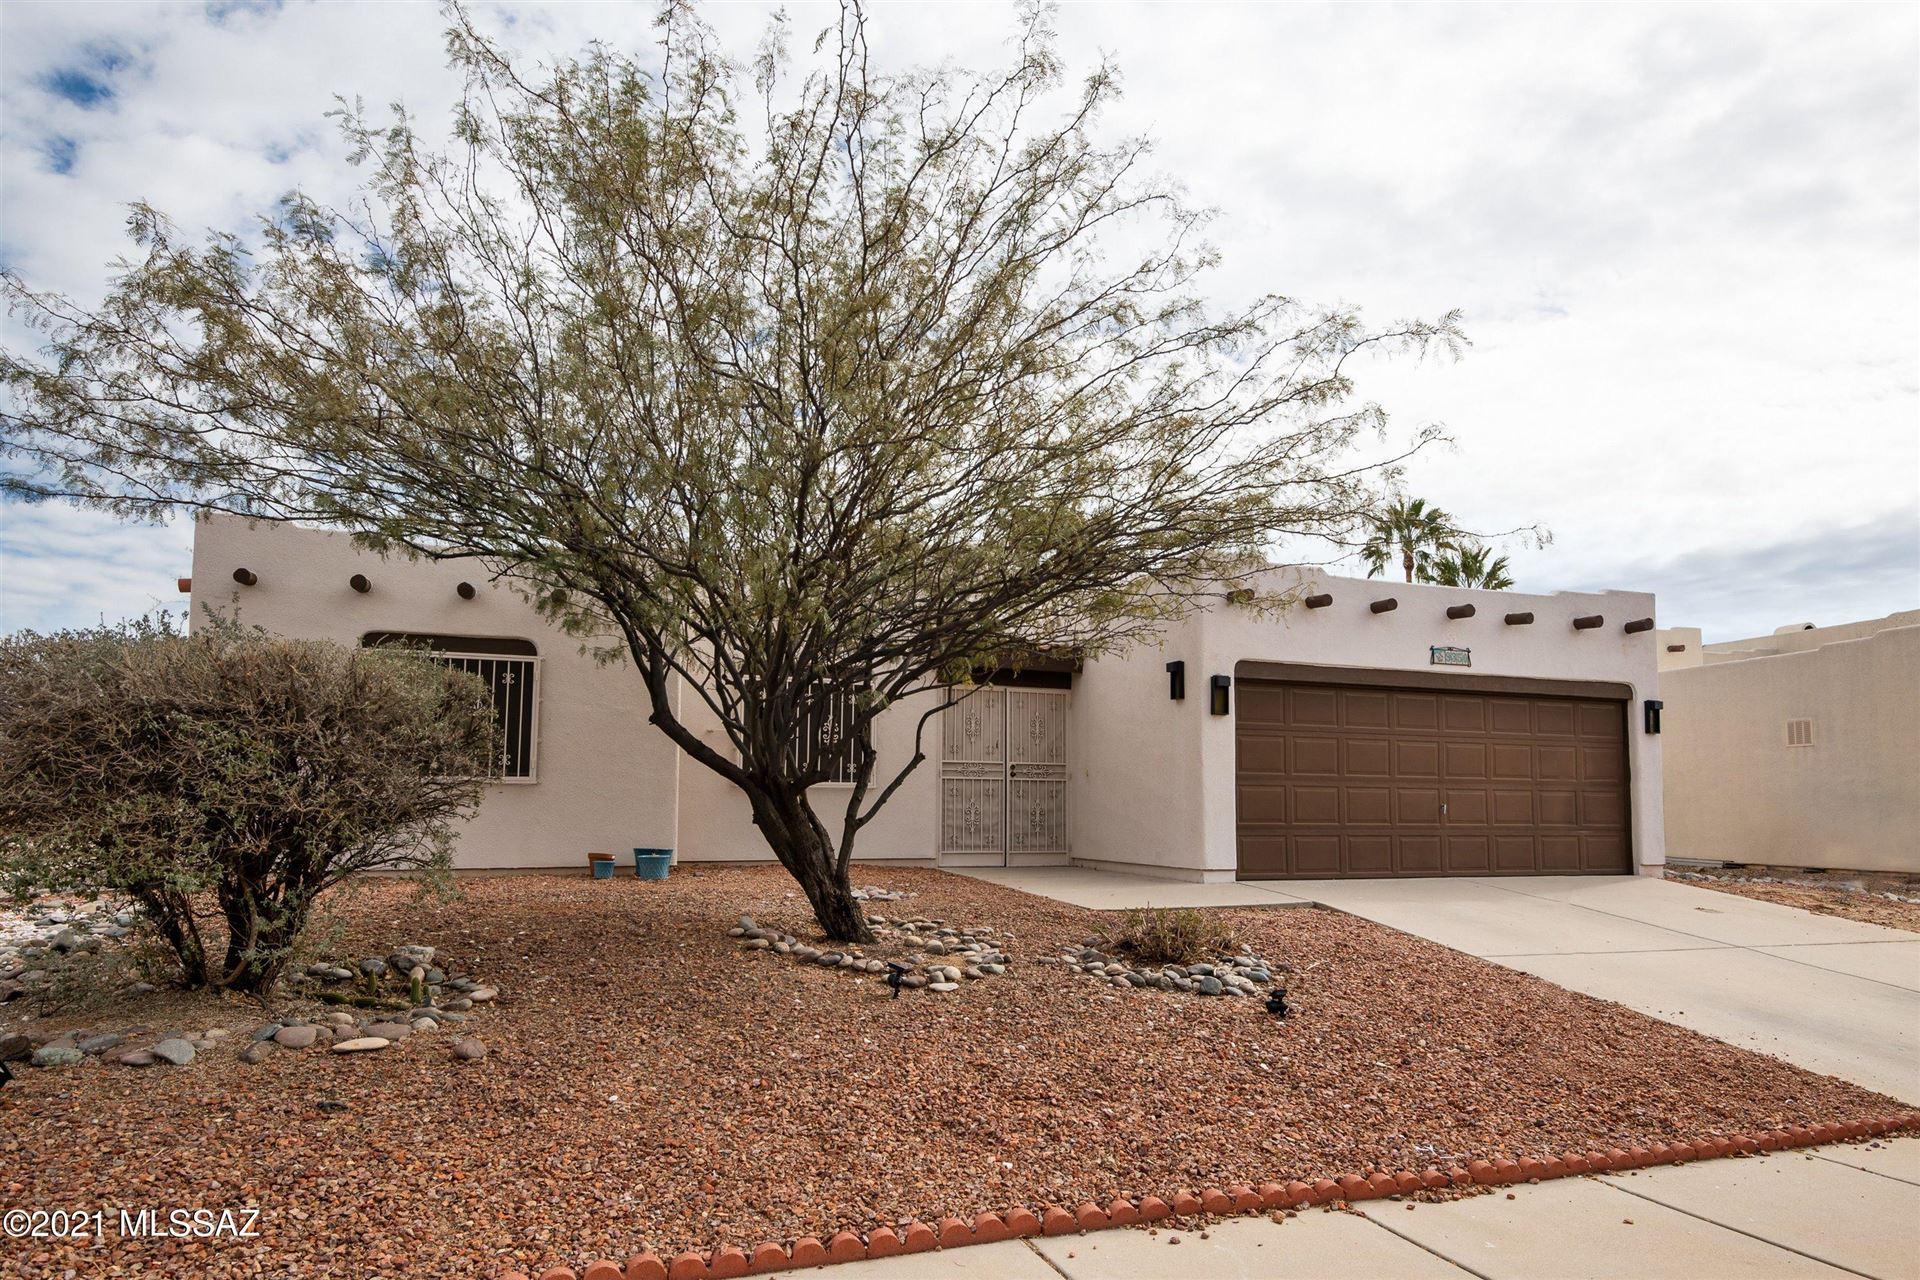 9350 N Oodham Way, Tucson, AZ 85742 - MLS#: 22103121